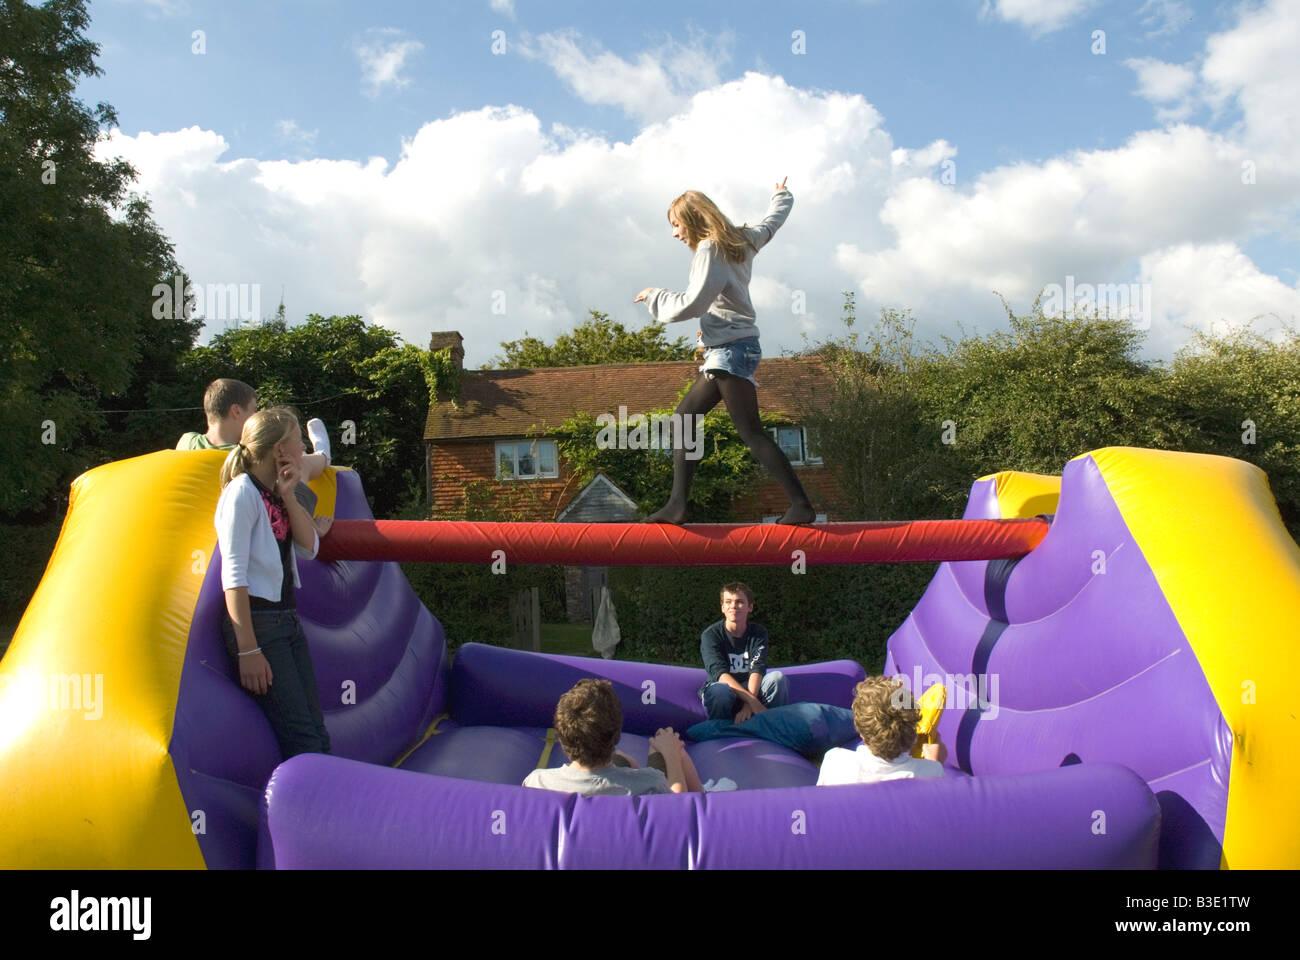 Jugendliche auf aufblasbare Hüpfburg outdoor Party Spielen Stockbild